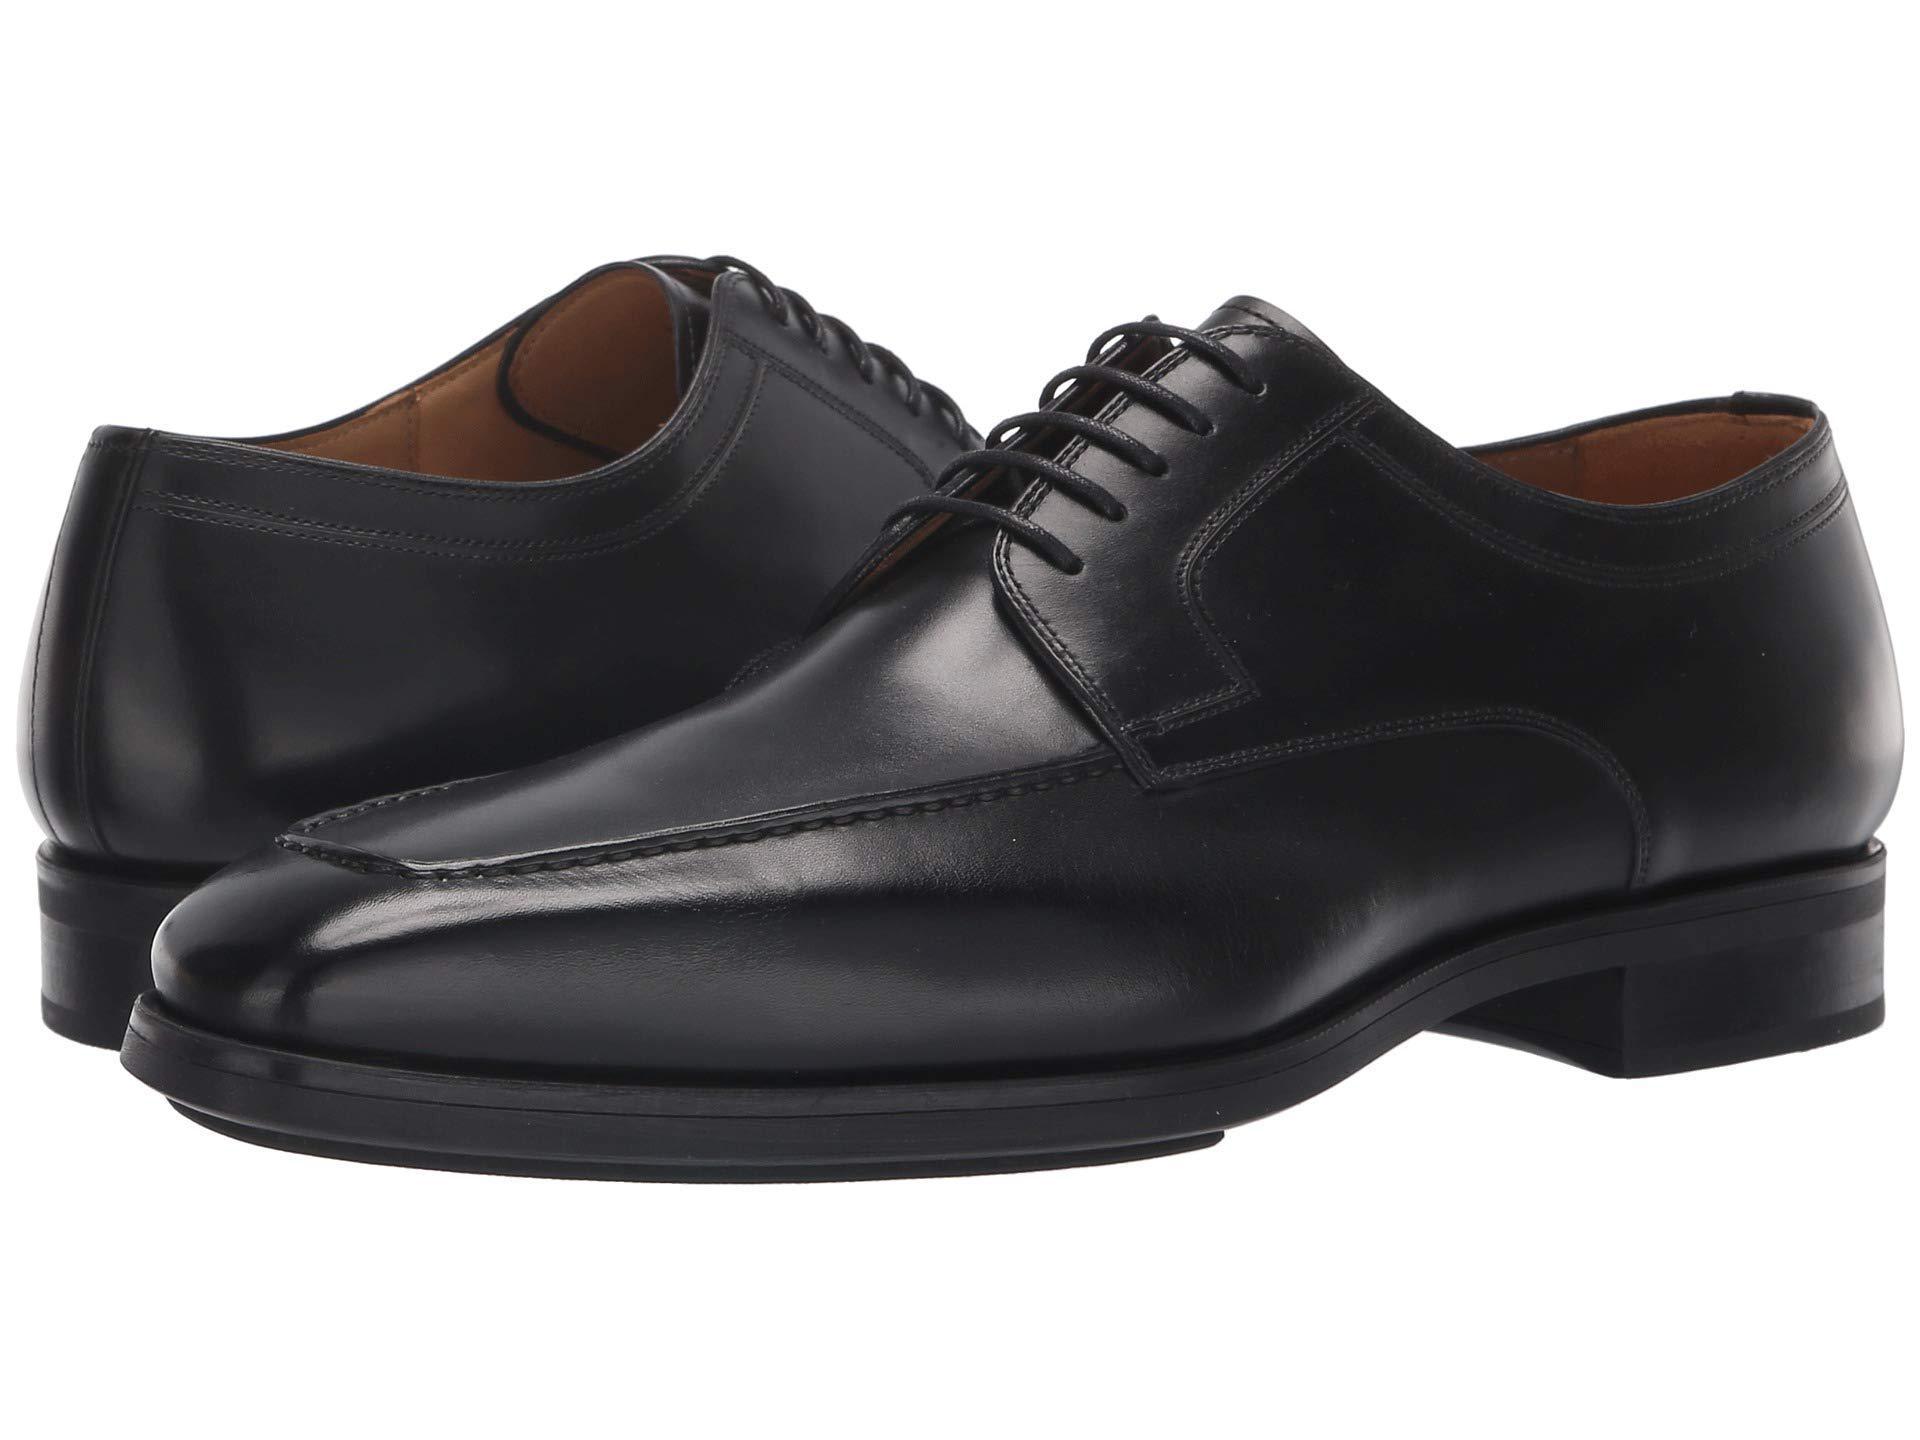 Lyst - Magnanni Shoes Romelo (black) Men's Shoes in Black ...